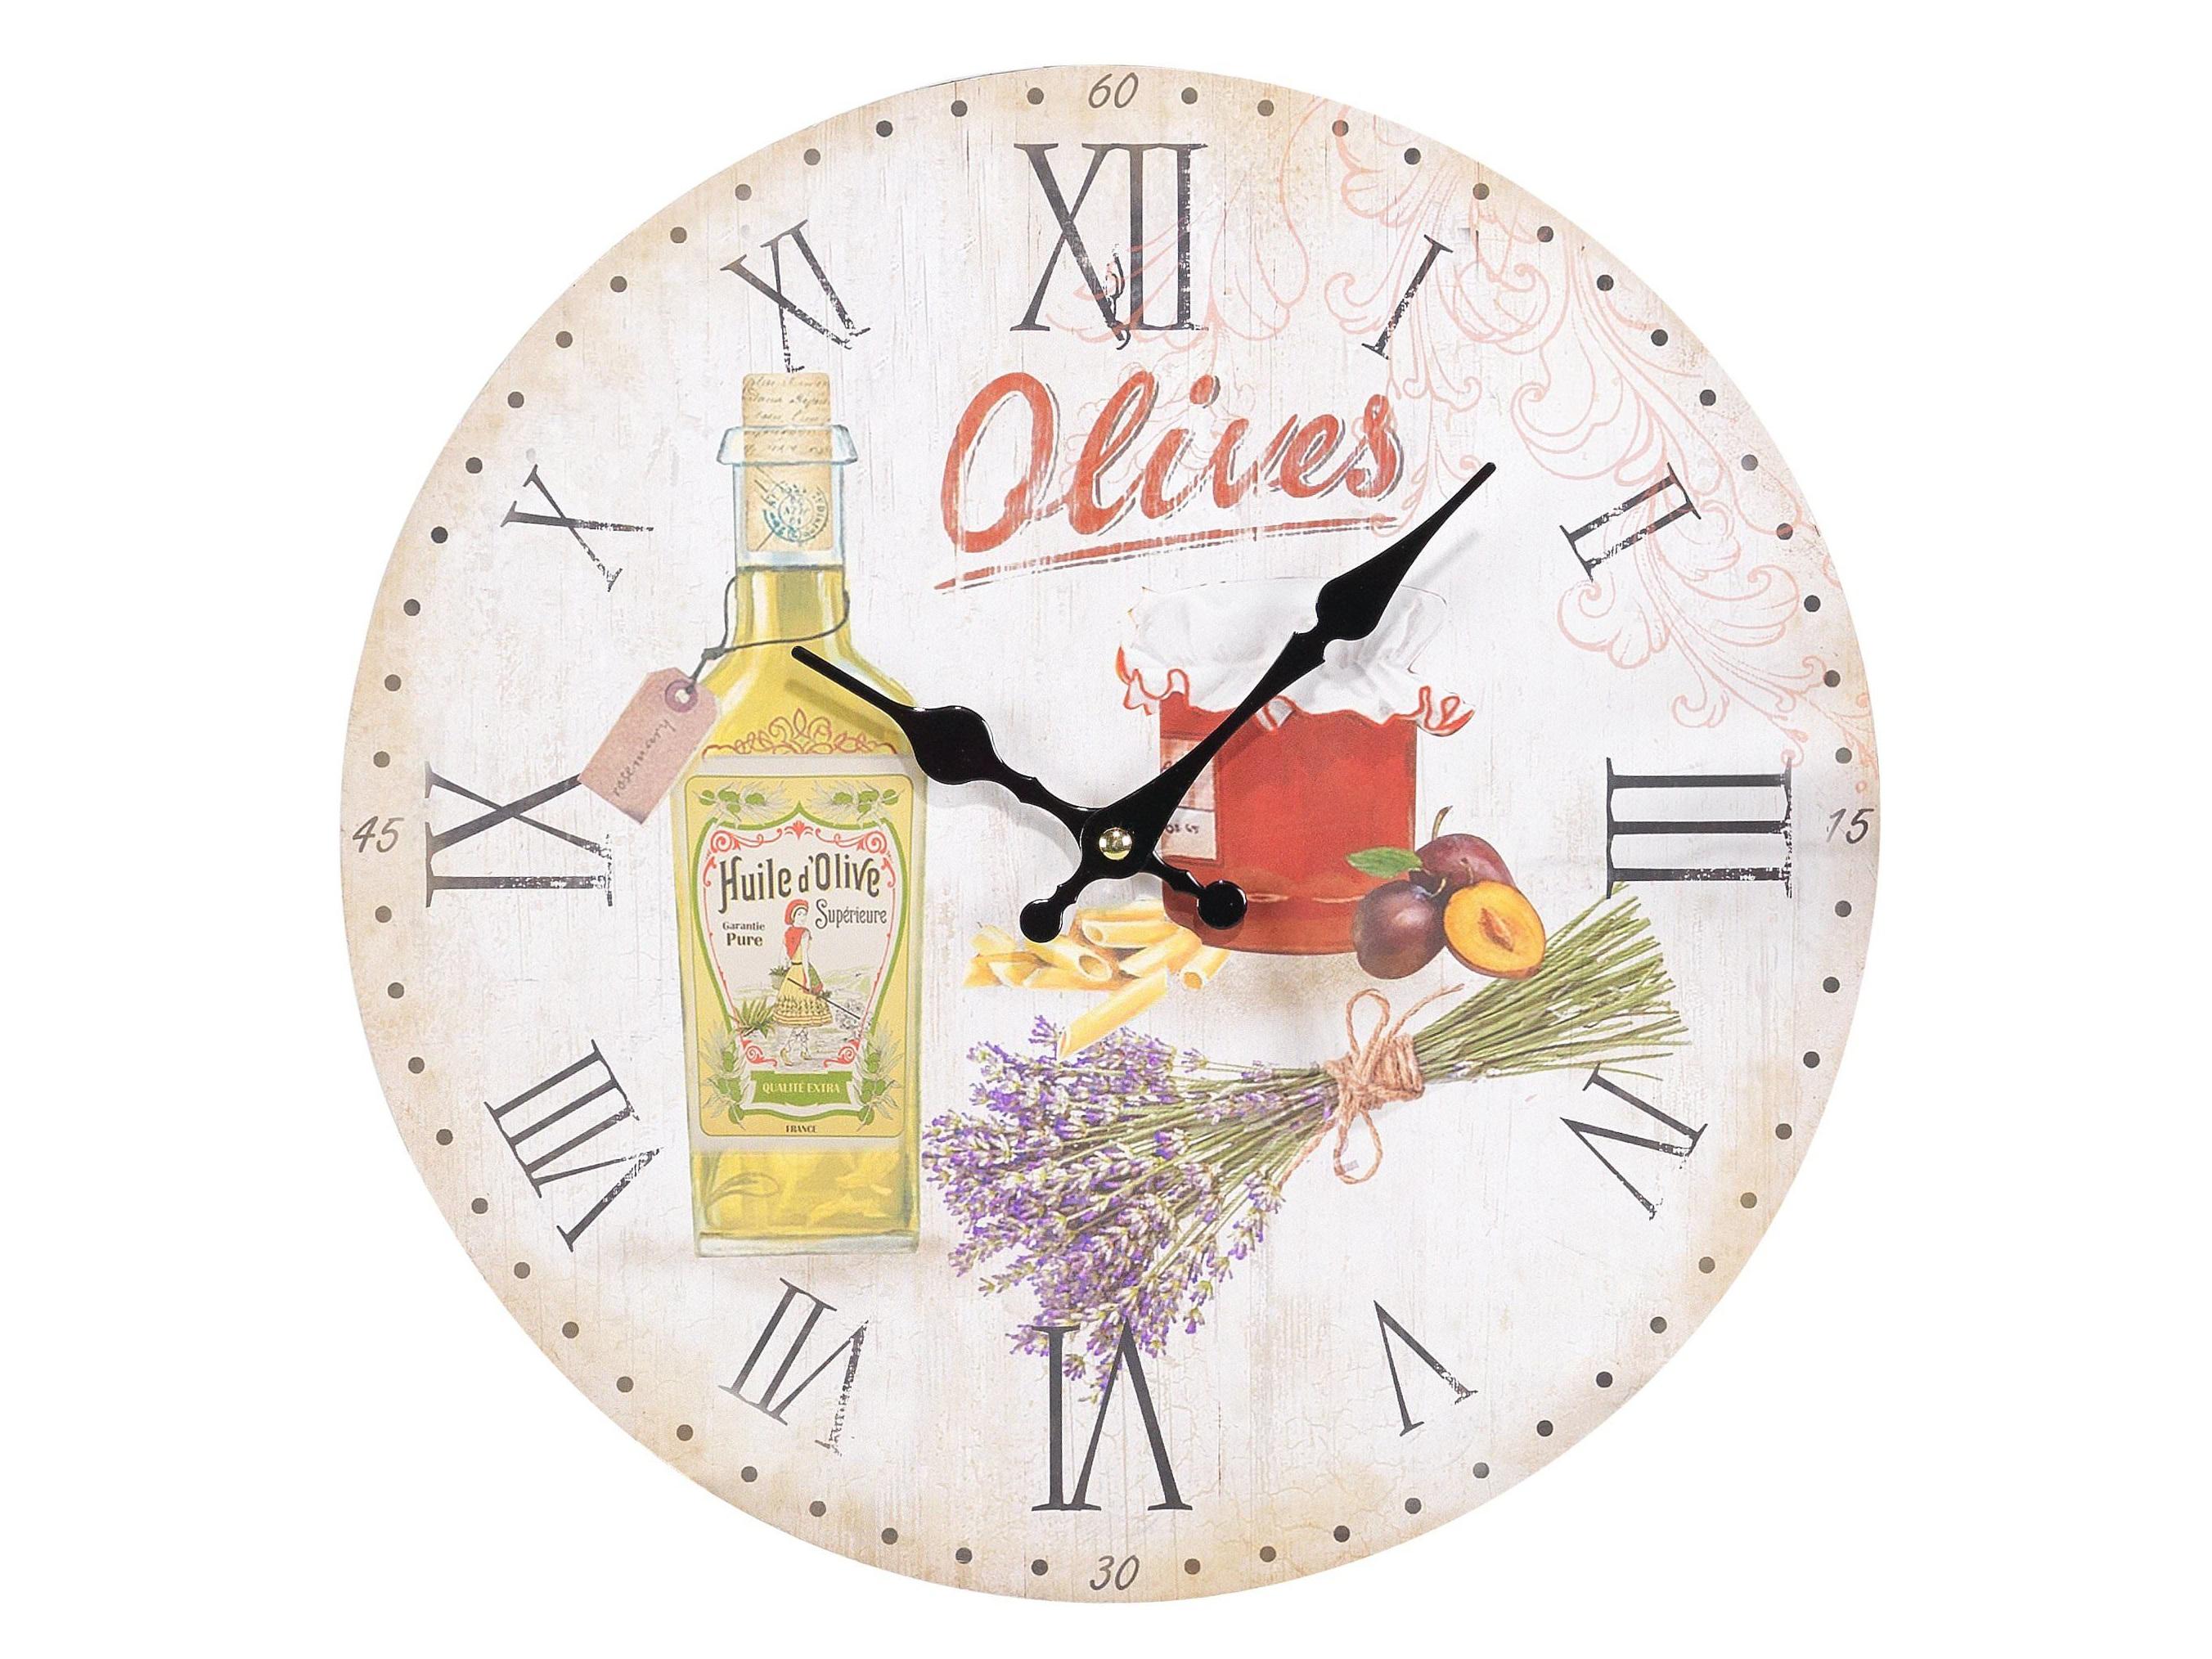 Часы настенные KellanНастенные часы<br>Кварцевый механизм.<br><br>Material: МДФ<br>Ширина см: 34.0<br>Высота см: 34.0<br>Глубина см: 4.0